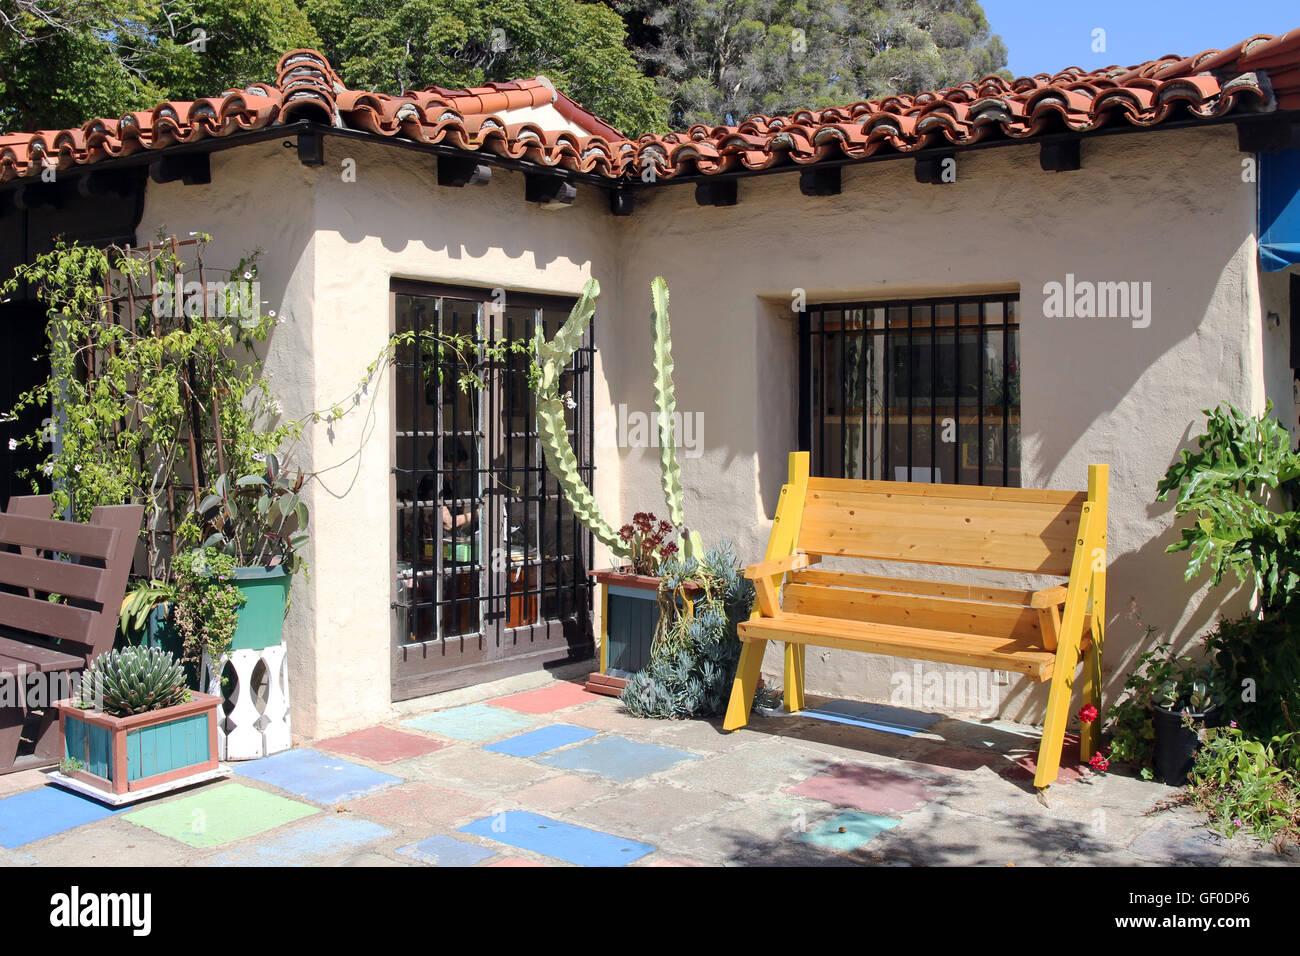 Stile messicano esterno della casa foto immagine stock for Esterno in latino